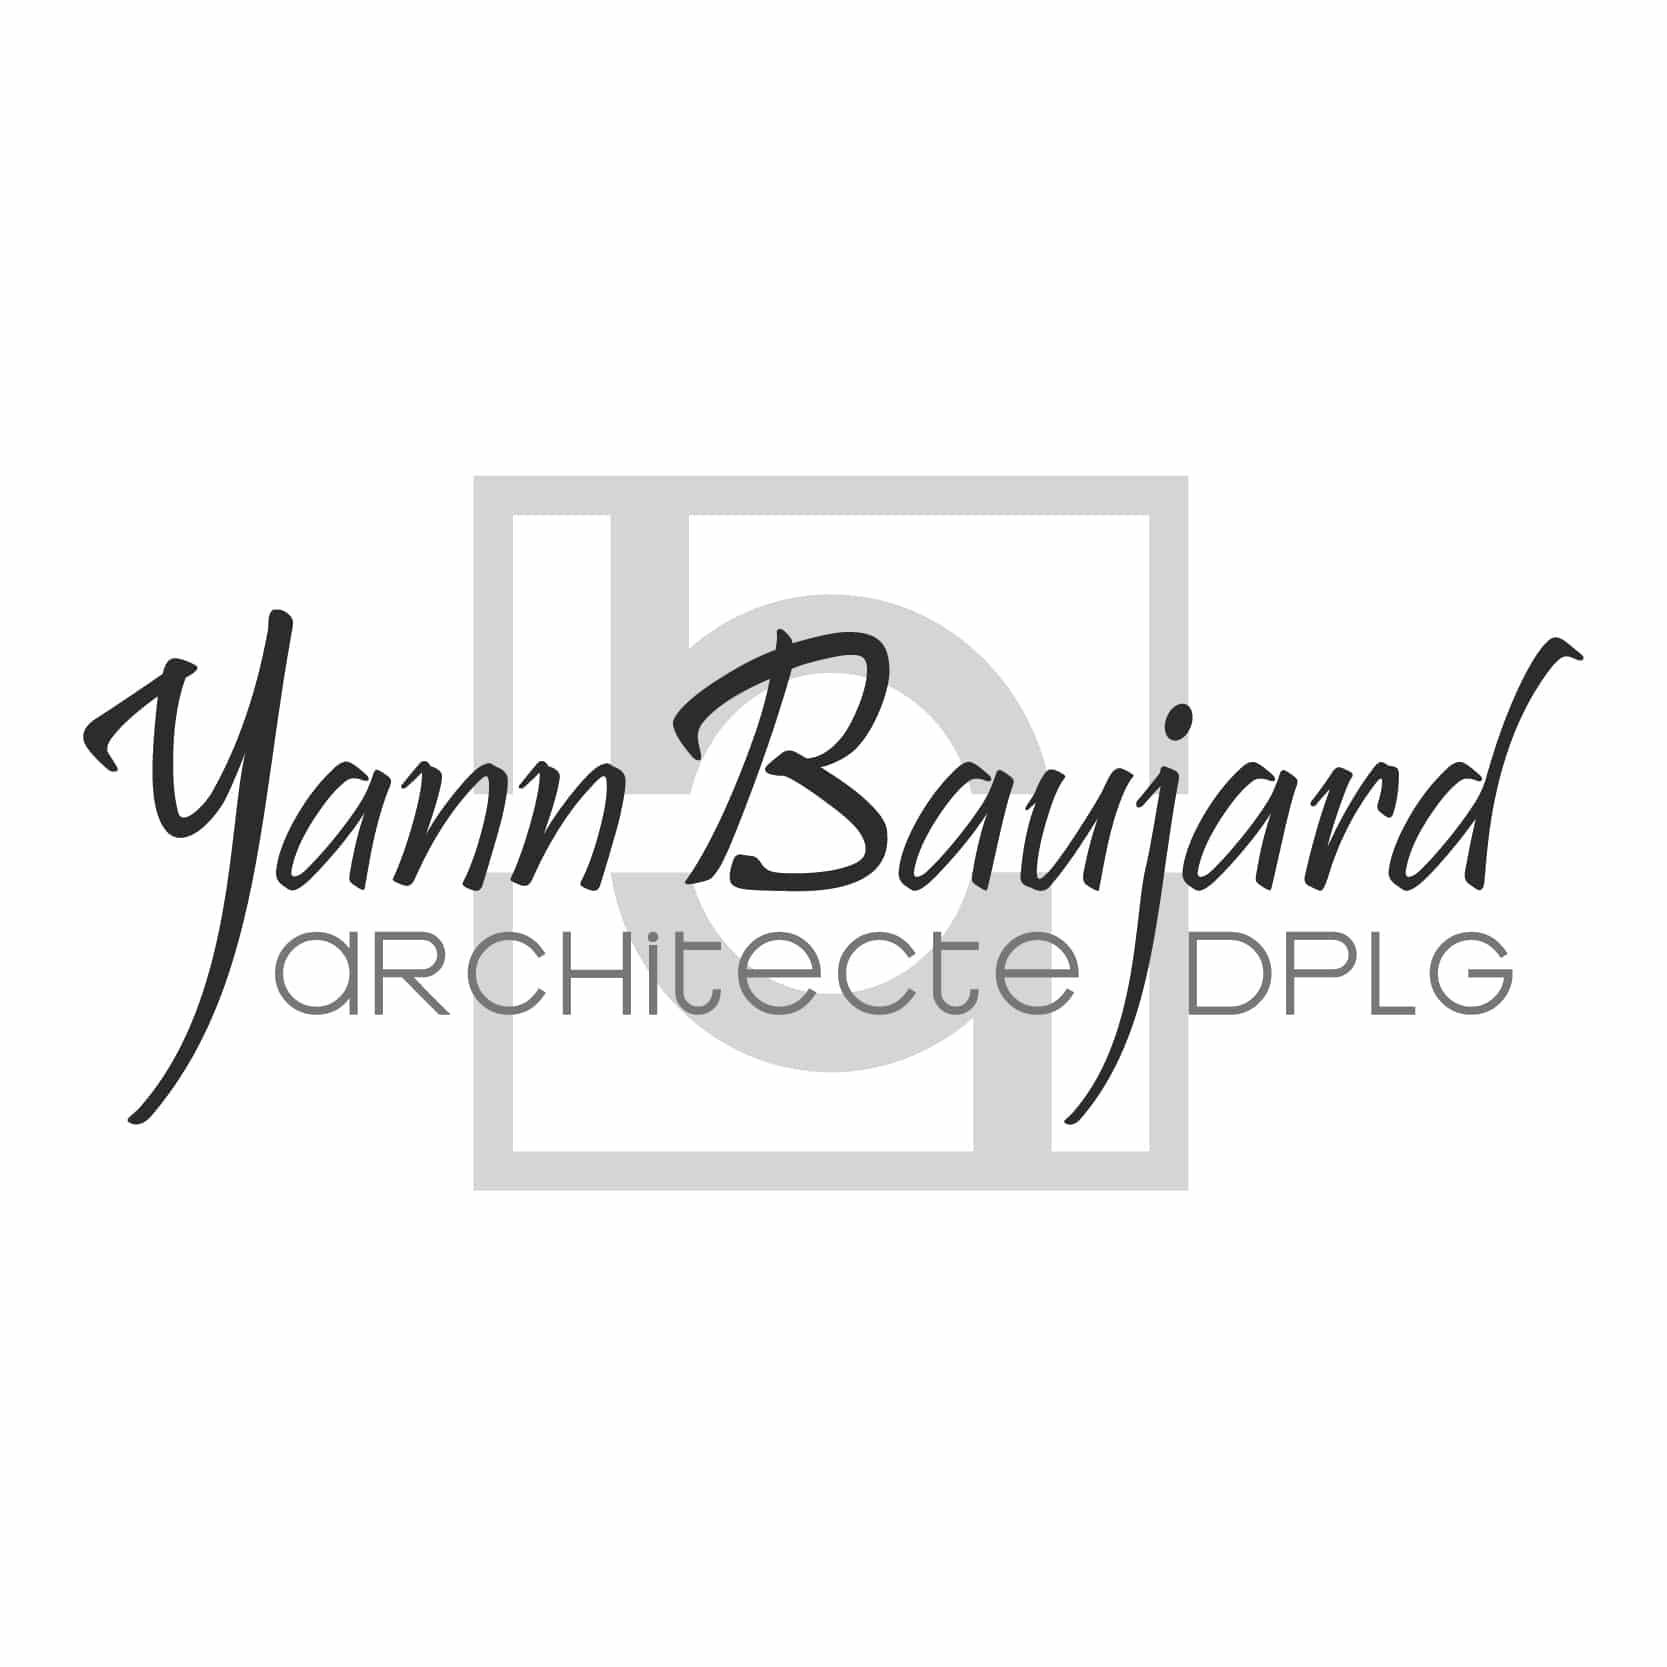 Yann Baujard Architecte